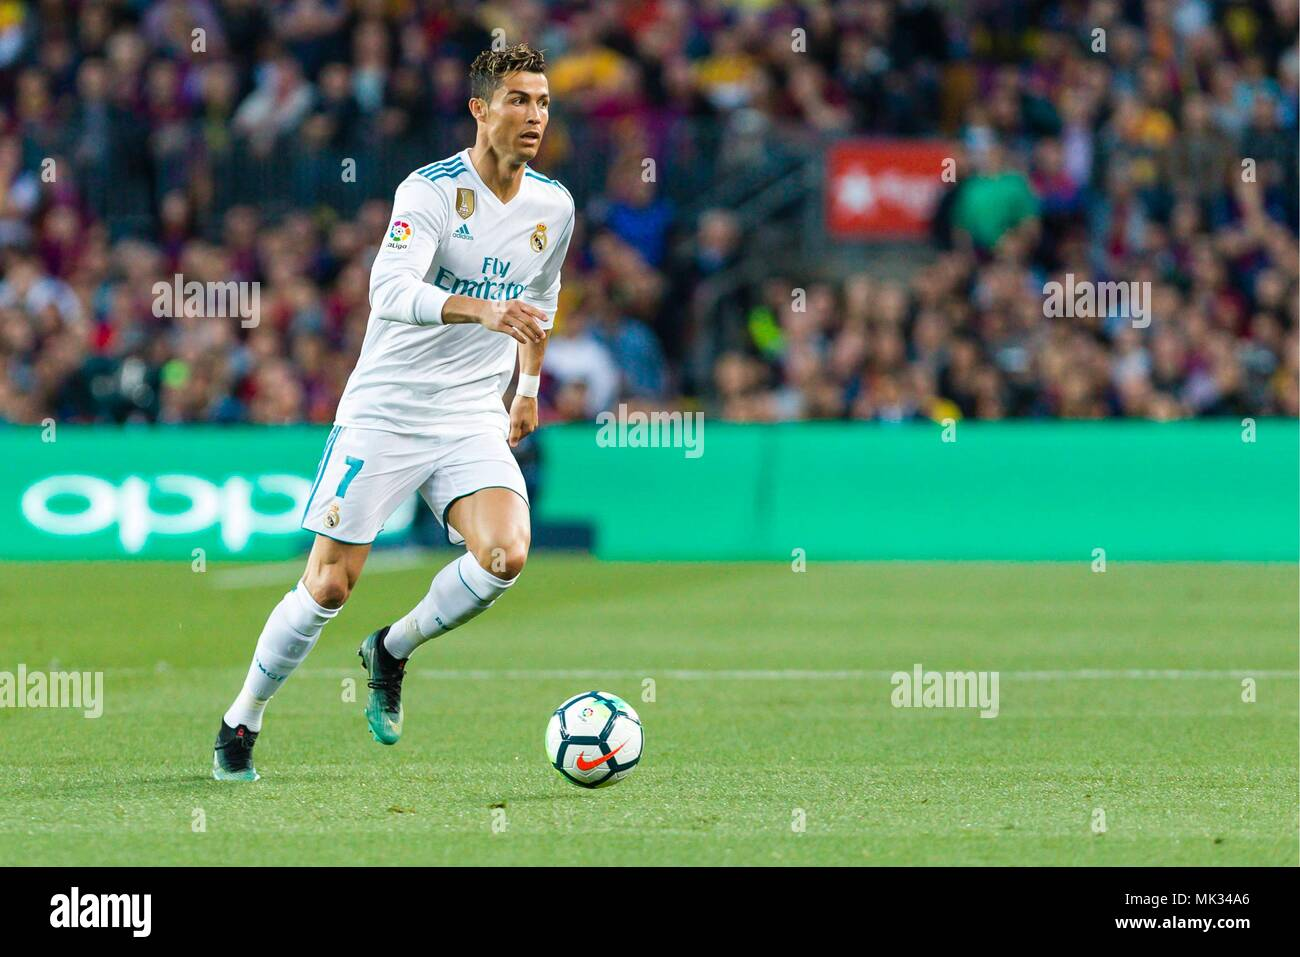 Avance Real Madrid Cristiano Ronaldo 7 Durante El Partido Entre